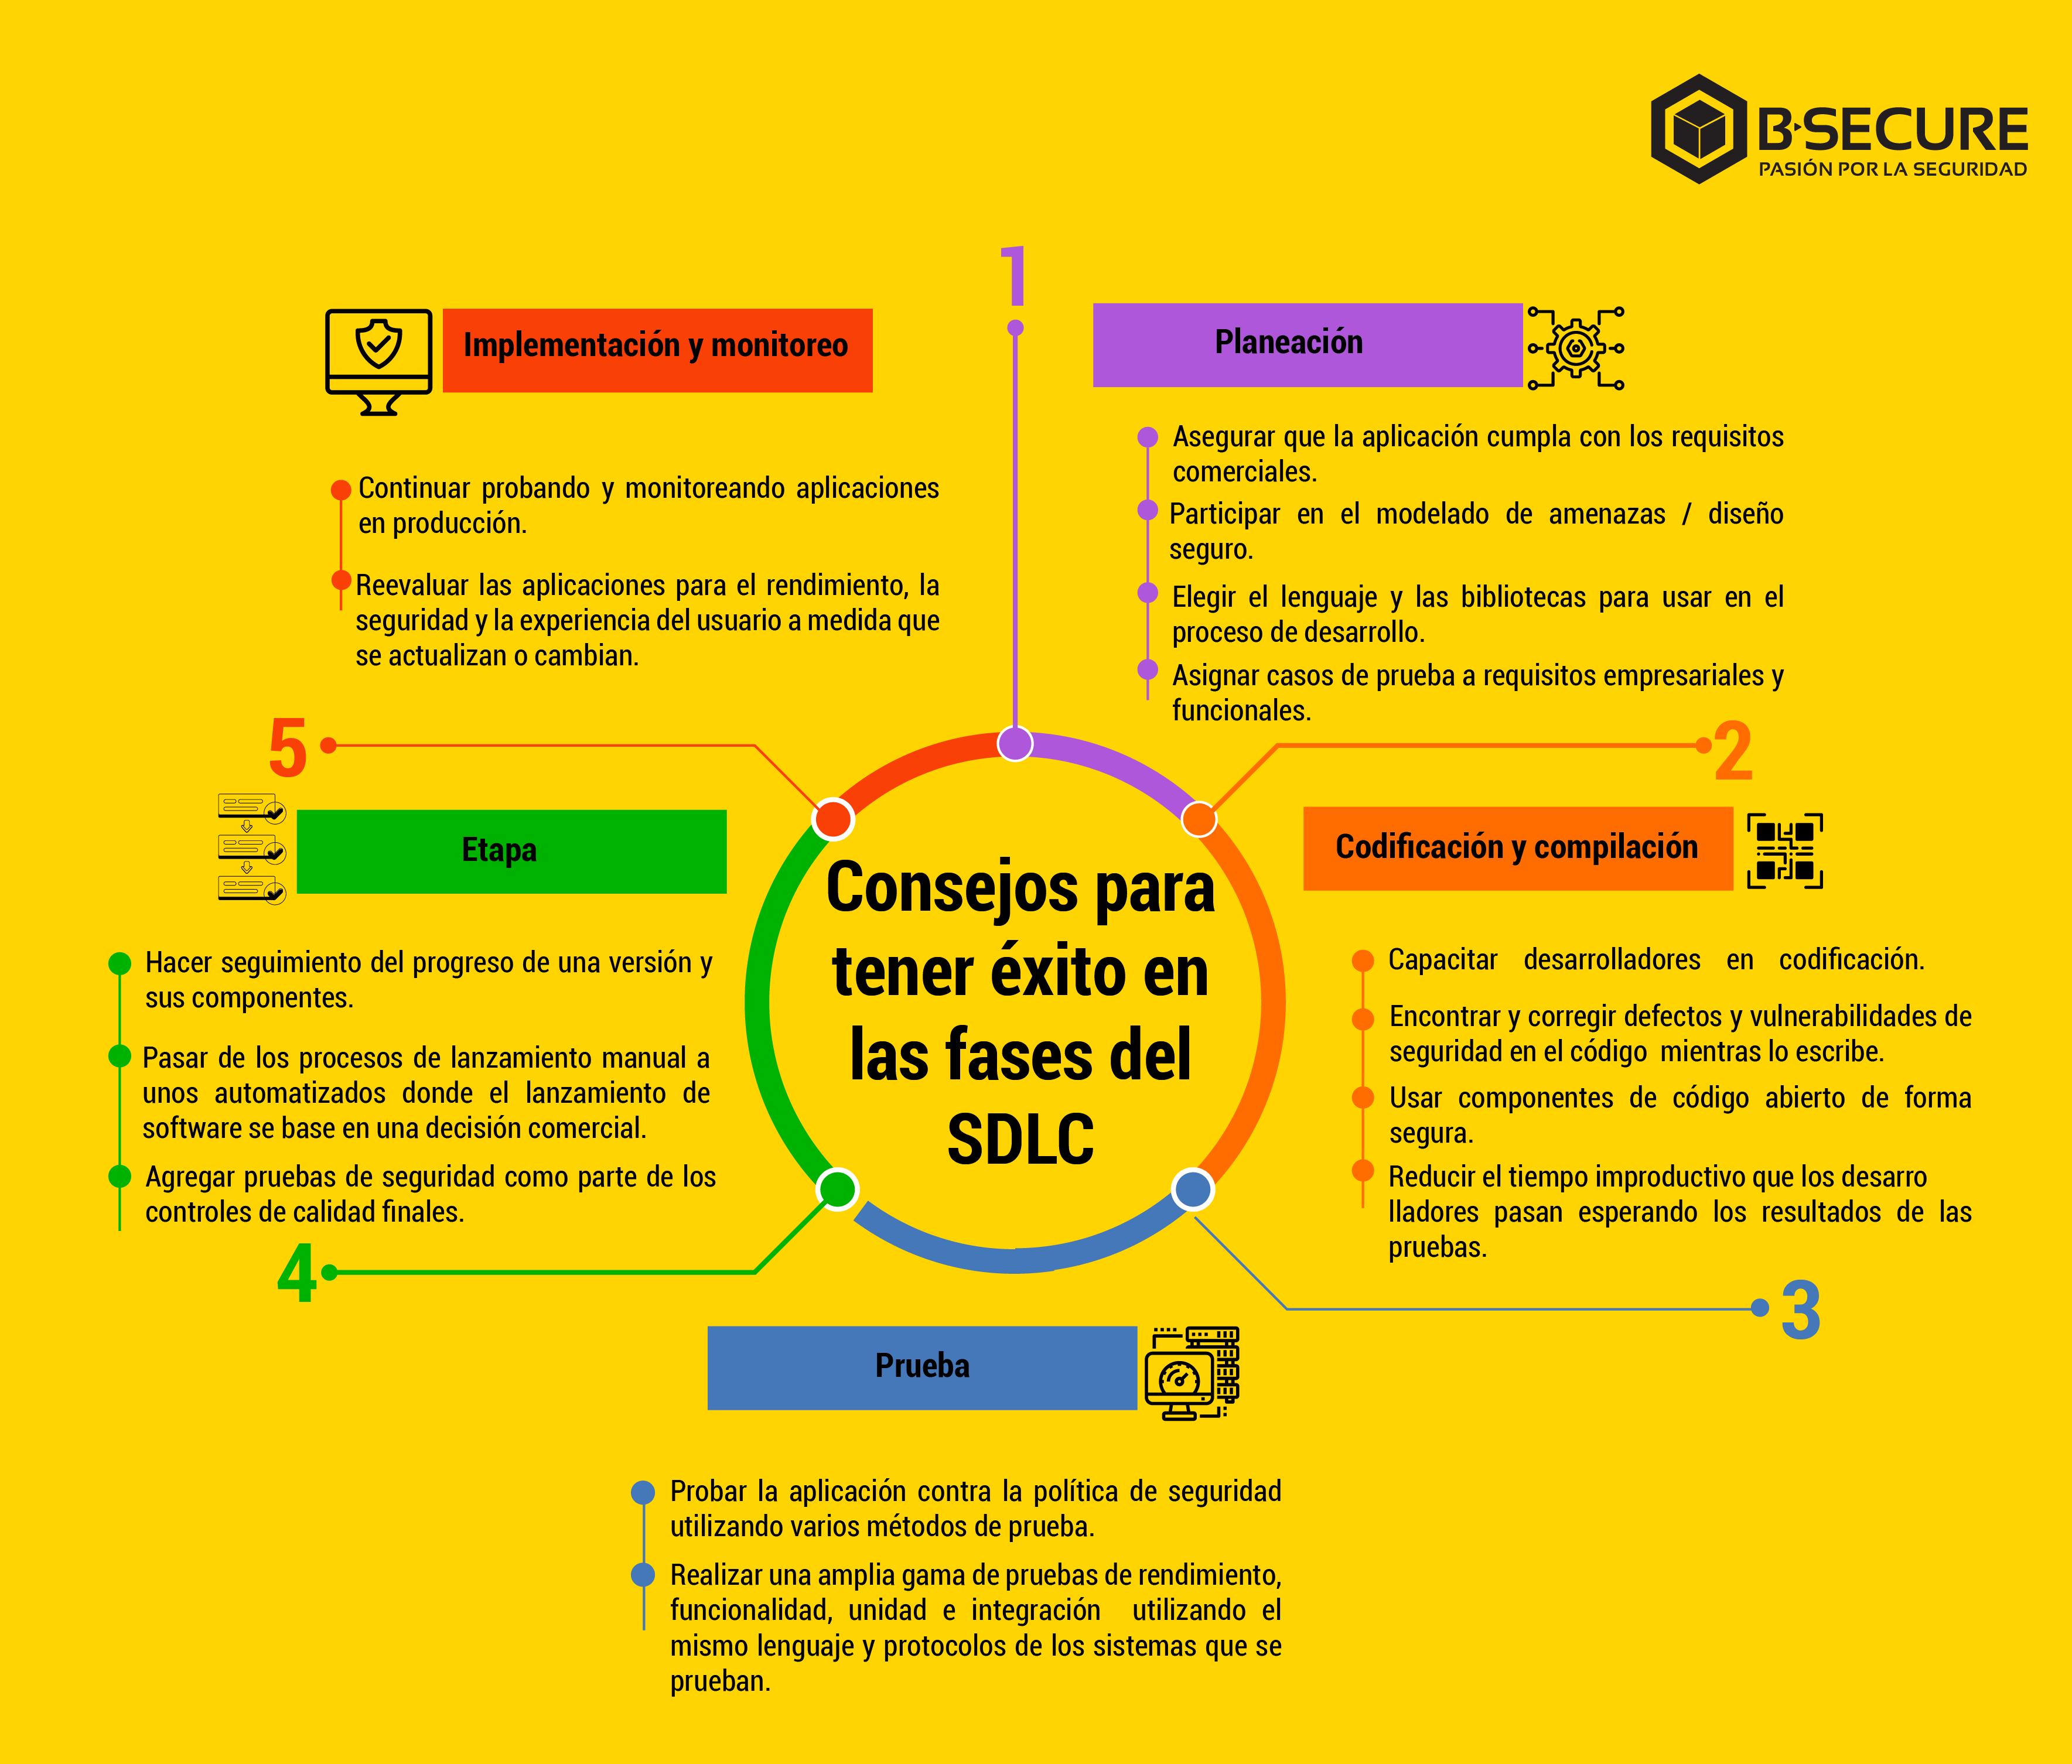 Consejos para tener exito en las fases del SDLC 1